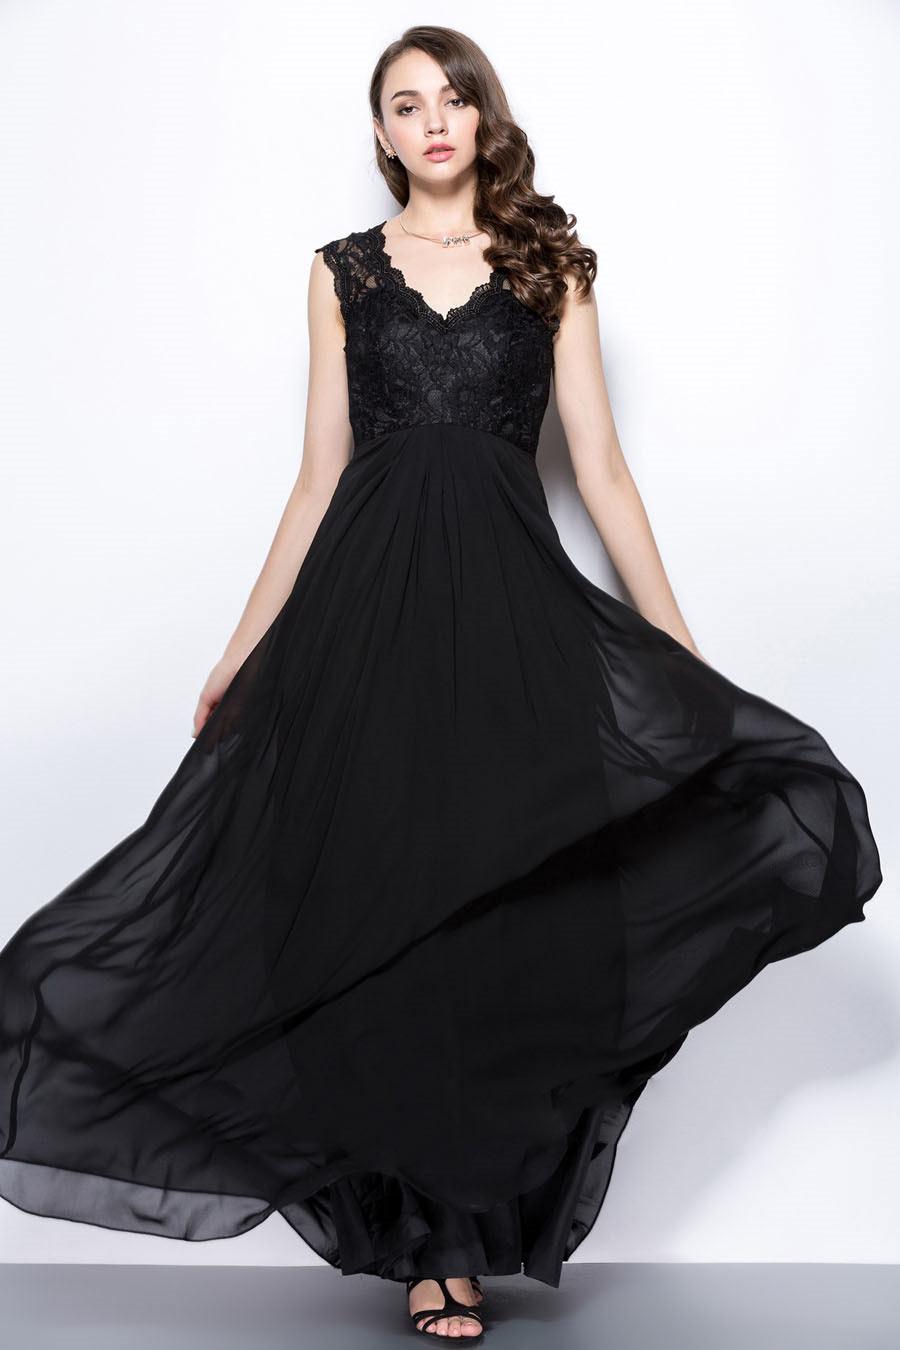 robe longue de soir e noire dos ajour haut en dentelle. Black Bedroom Furniture Sets. Home Design Ideas